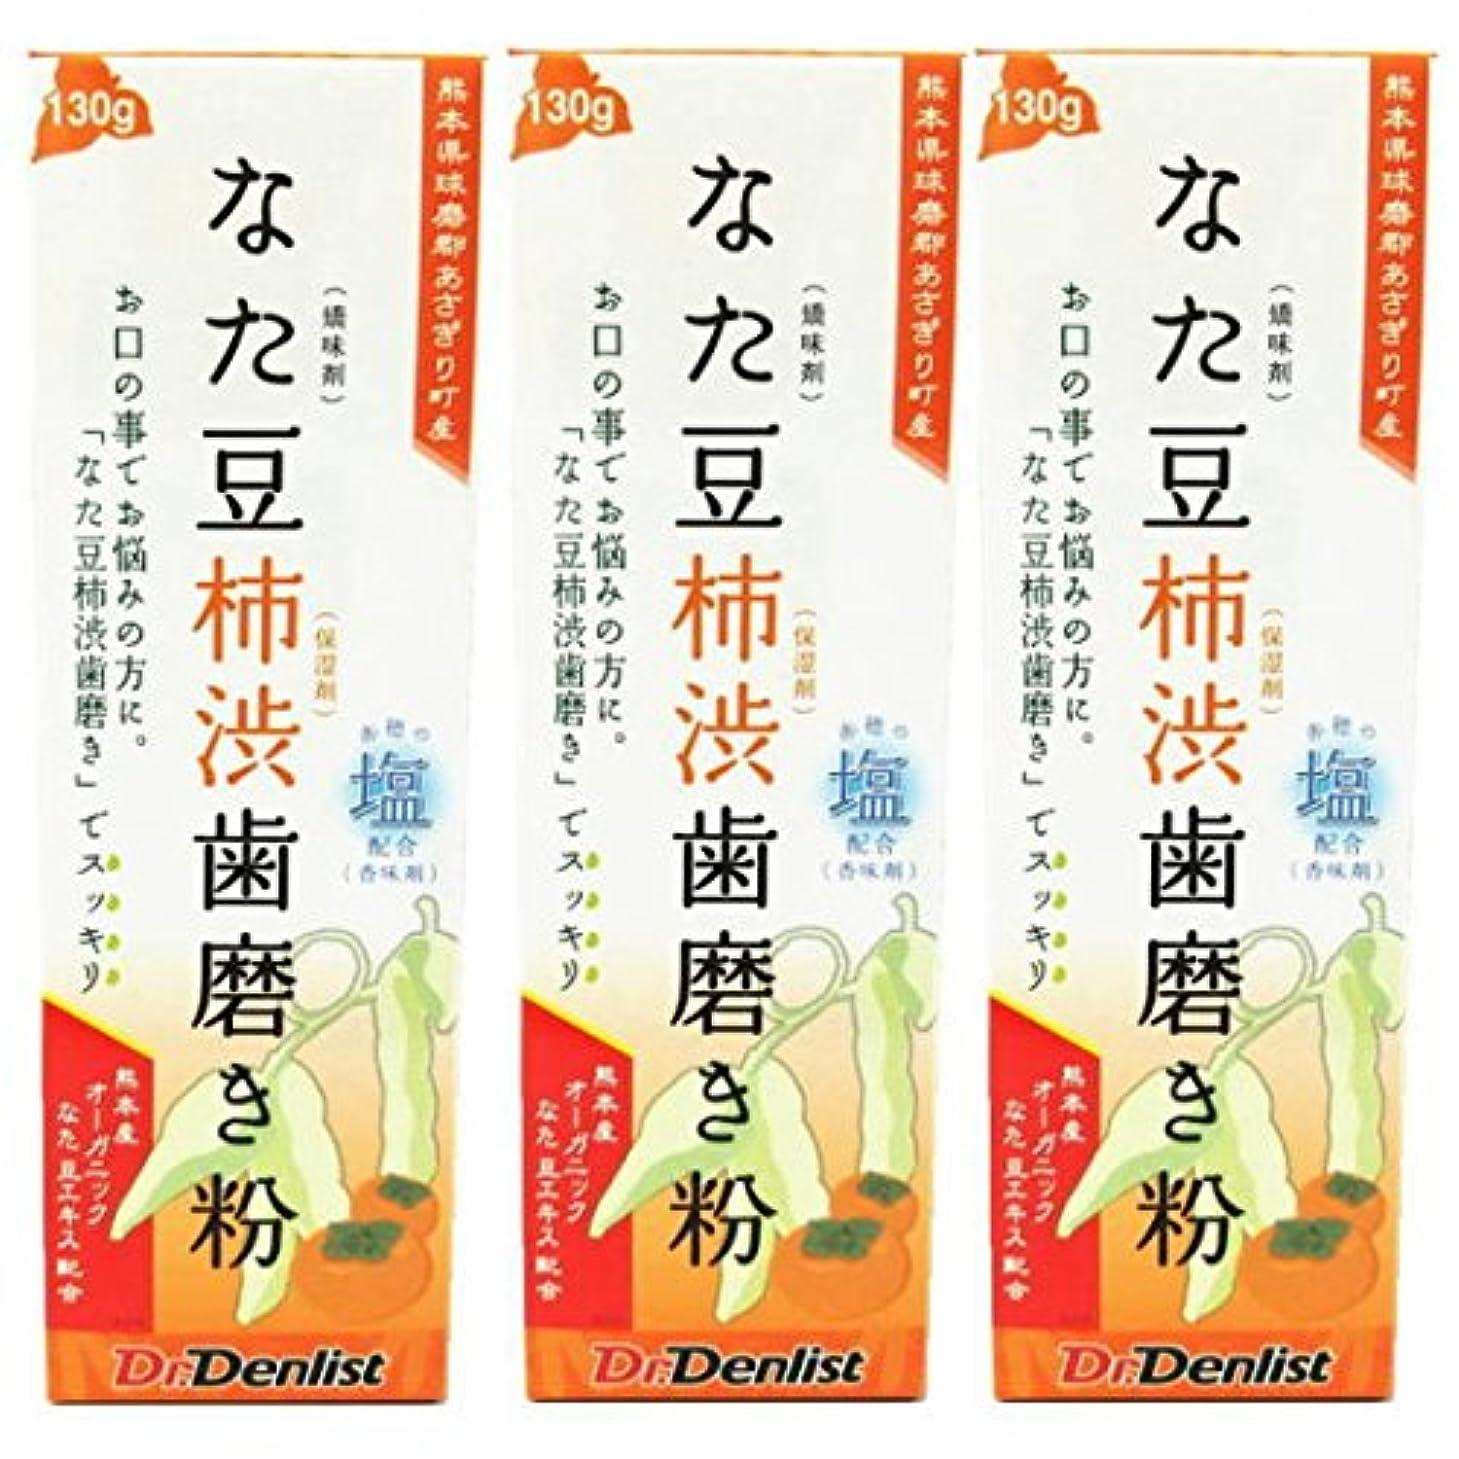 かもしれないつなぐ友情なた豆柿渋歯磨き 130g 3個セット 国産 有機なた豆使用 赤穂の塩配合(香味剤)